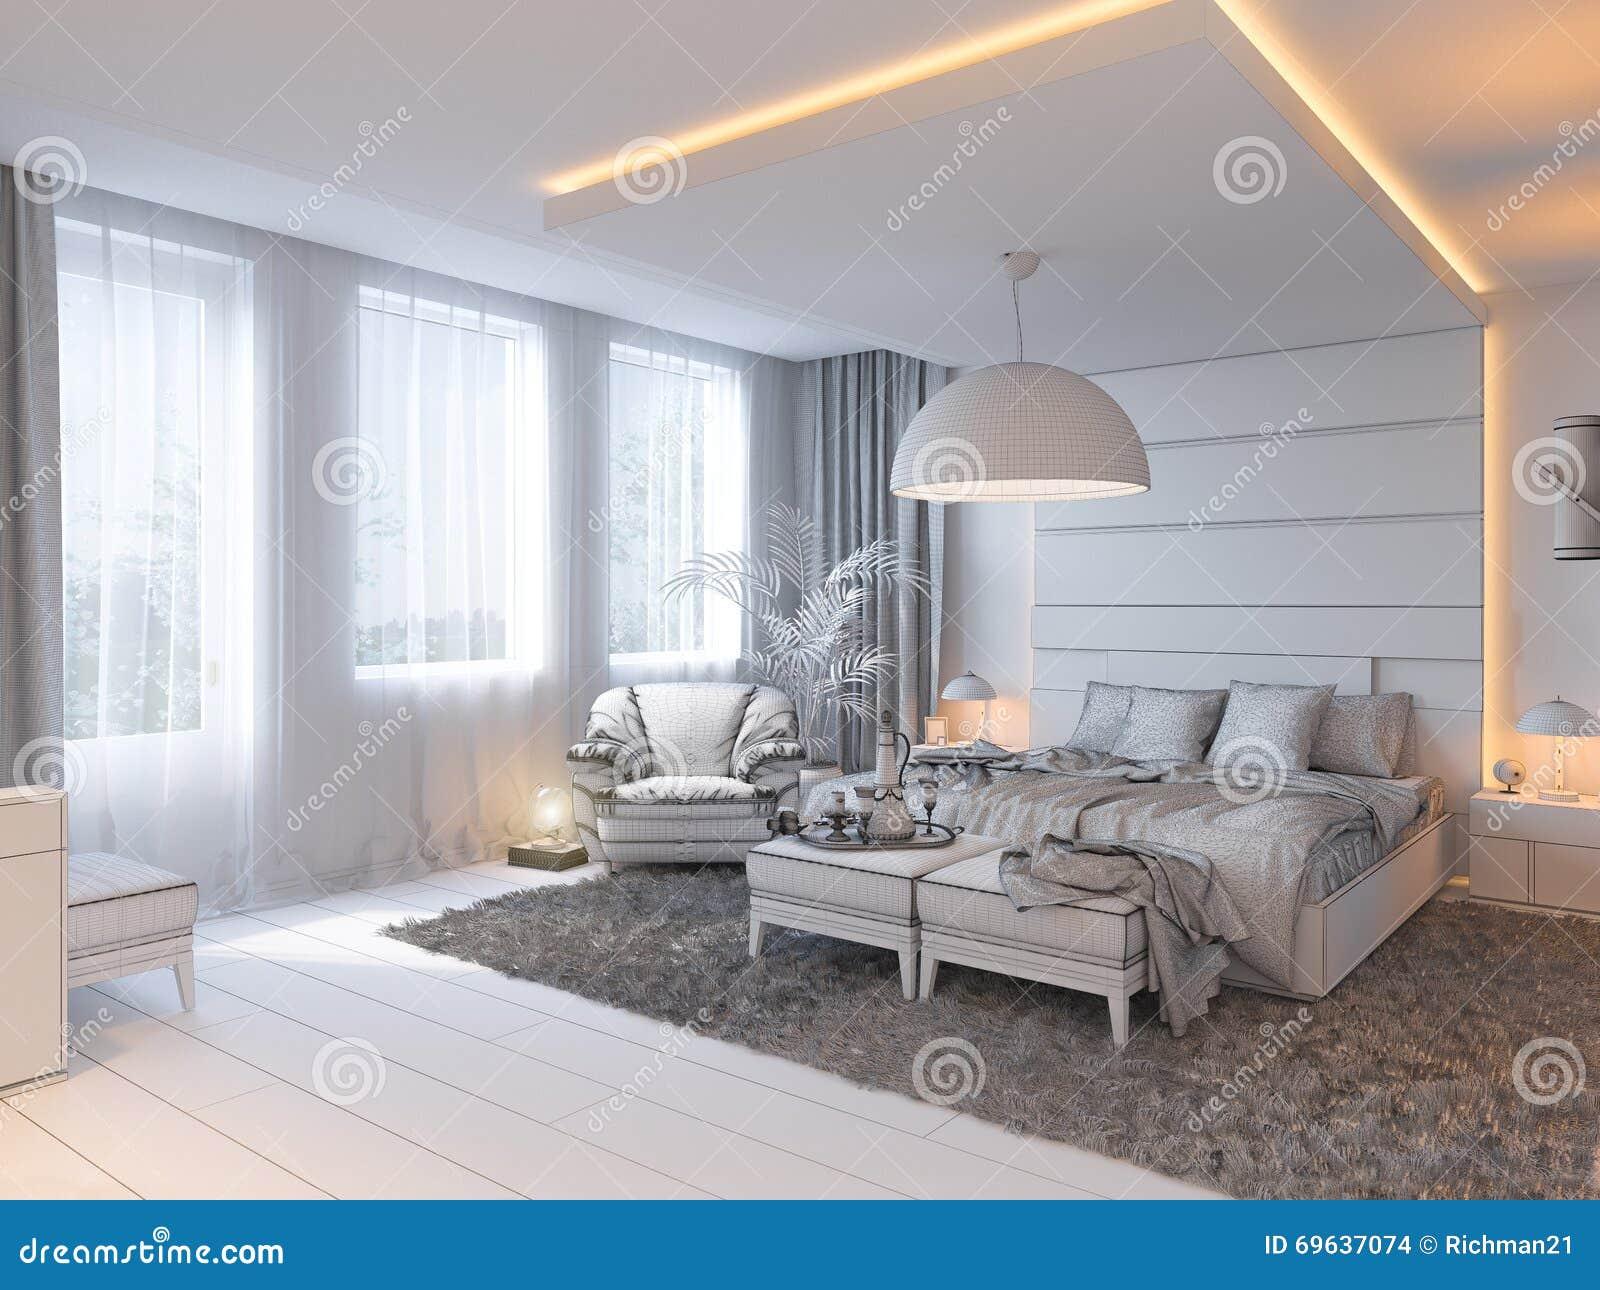 Dise o dormitorio contemporaneo casa dise o for Diseno de habitacion de estilo contemporaneo